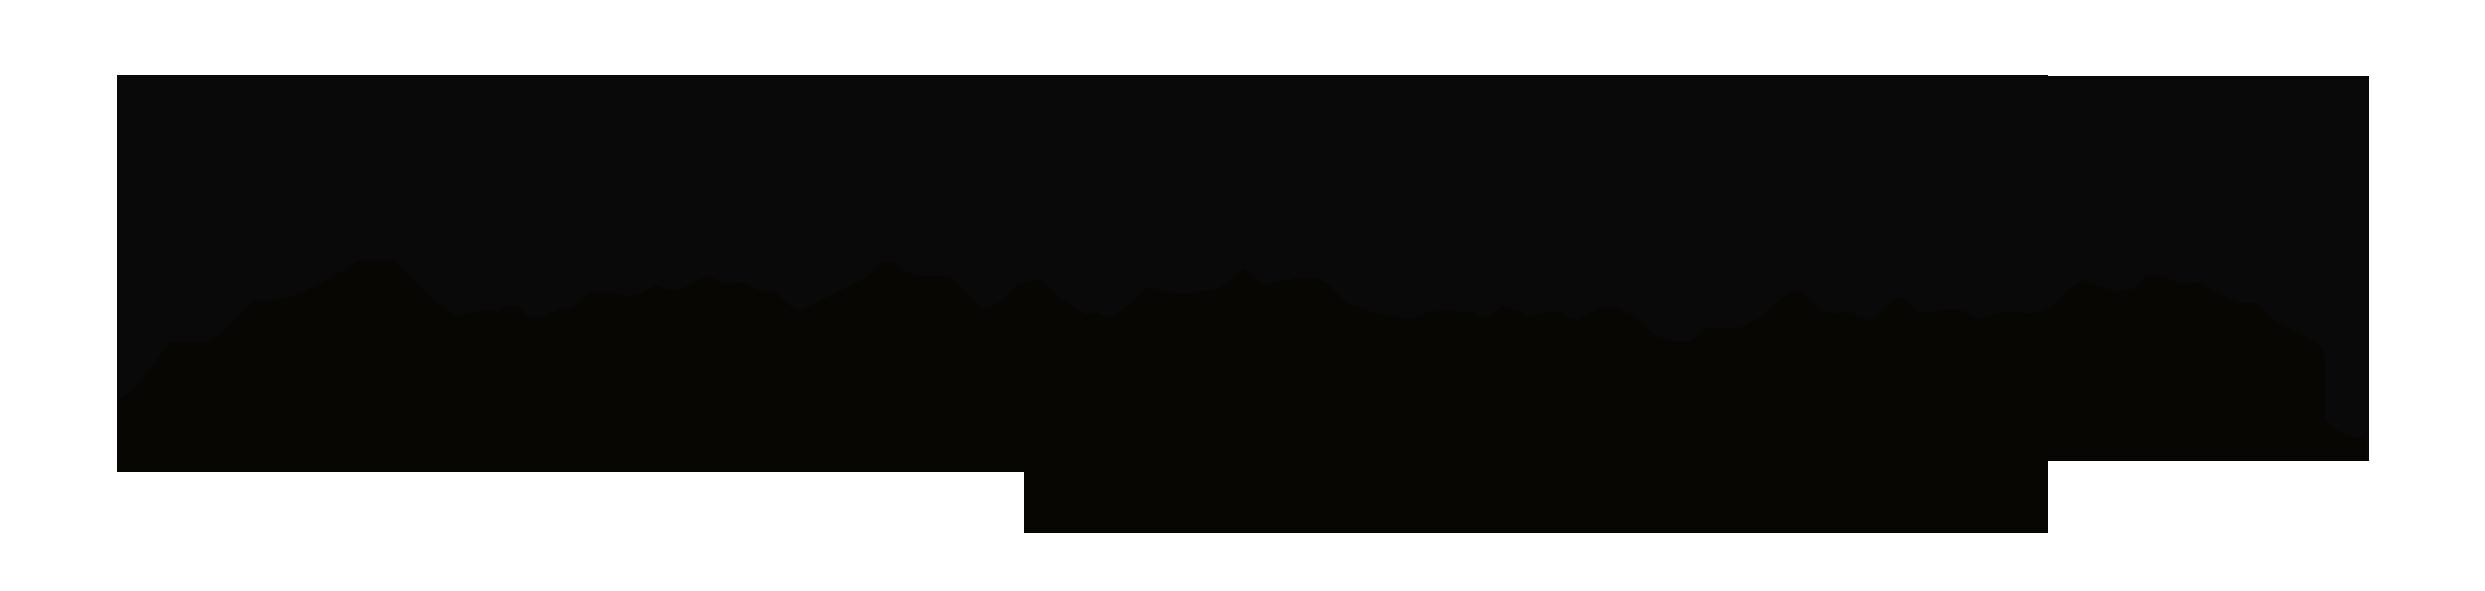 Logo_Hochzeitssalon-schrift-schwarz-ohne-Hintergrund